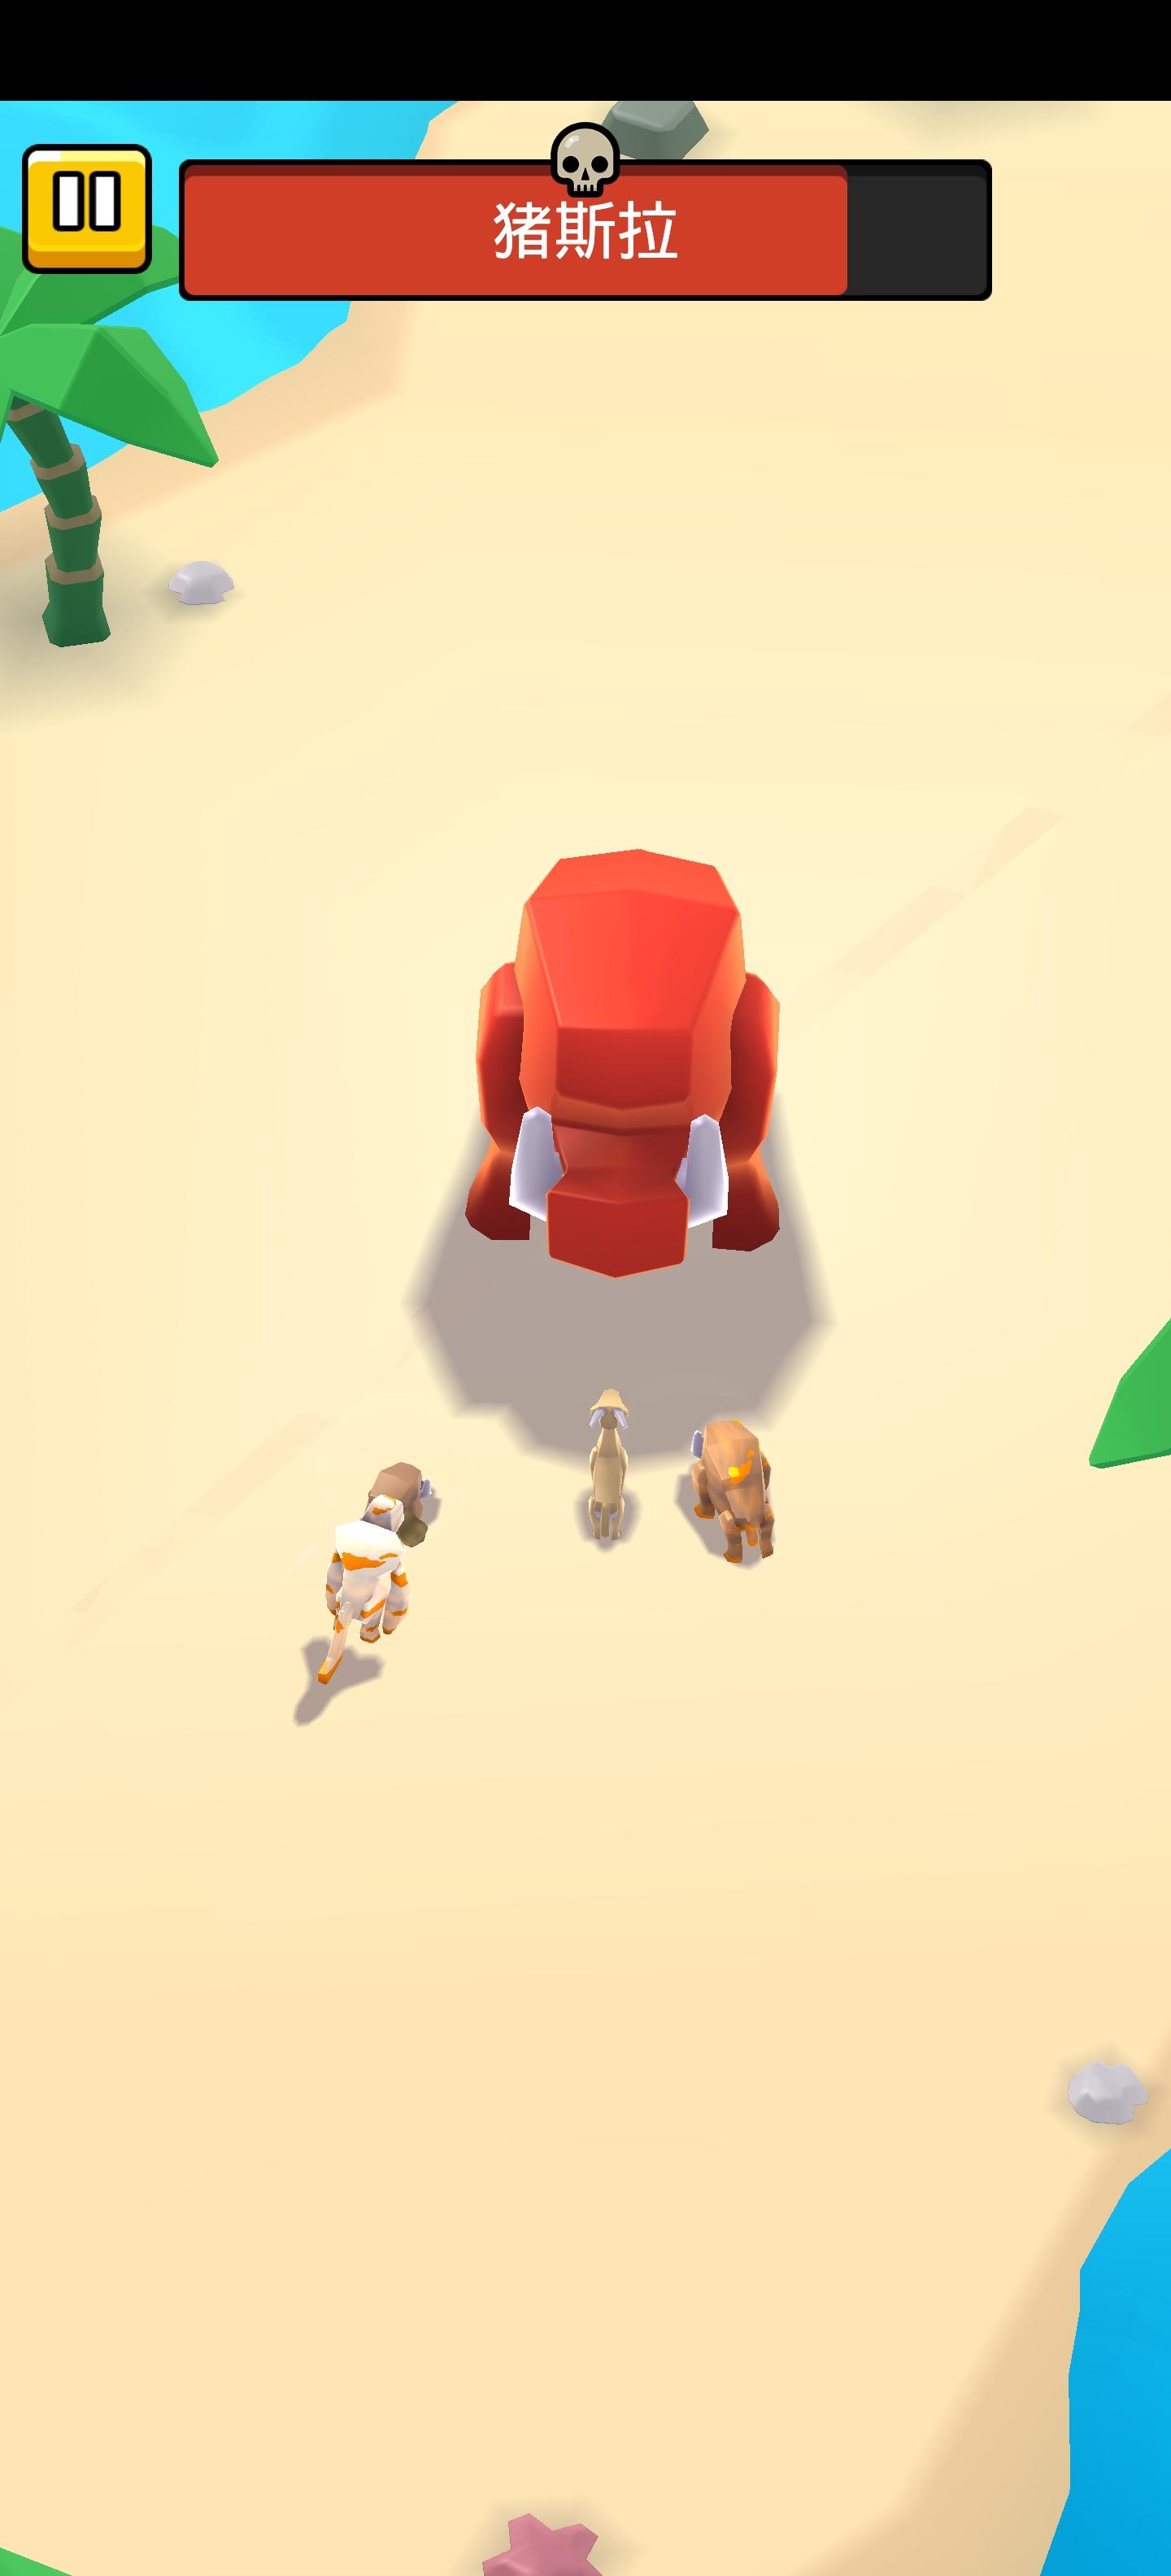 动物战争汉化(手谈汉化)游戏截图